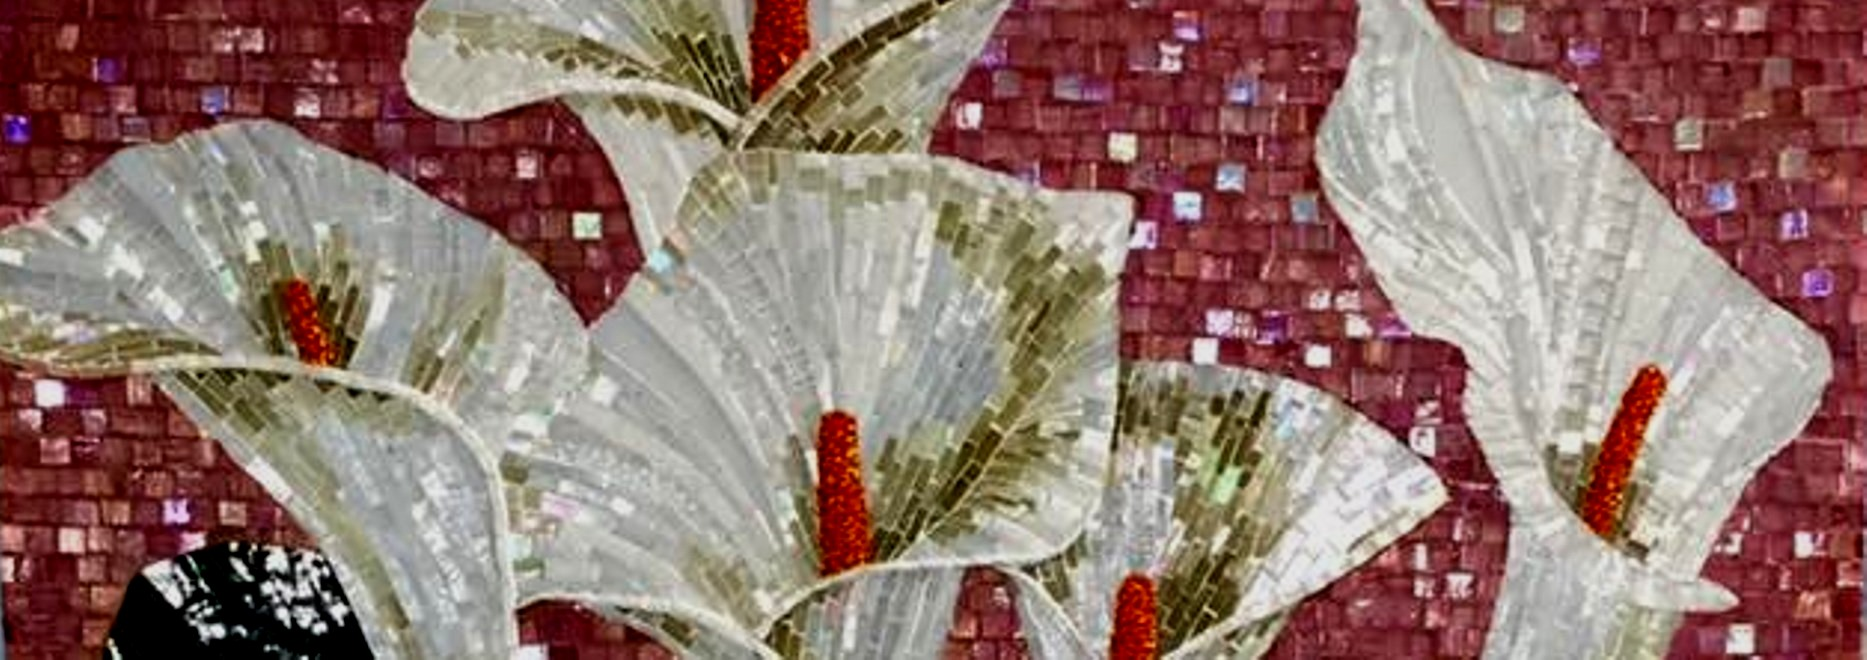 mozaik çiçekler